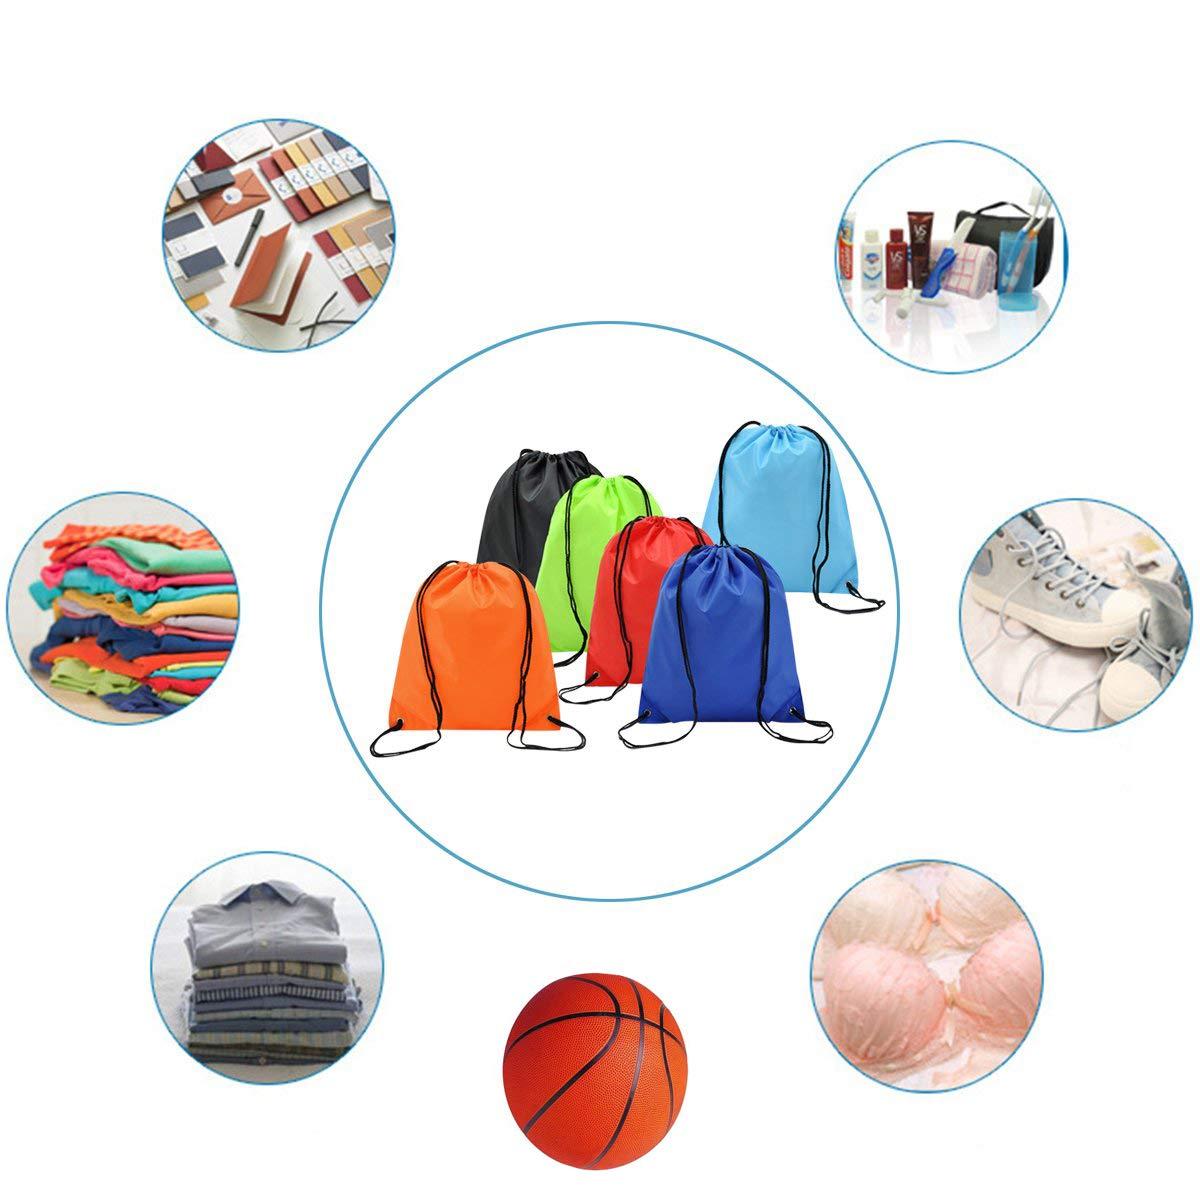 Xuxuou 1 pcs Hombres y Mujeres de Moda Simple Personalidad Impermeable cord/ón Deportes y Ocio Bolsas de Fitness Bolsa de Almacenamiento de Viaje al Aire Libre Oxford pa/ño viga Bolsa de Bolsillo Negro